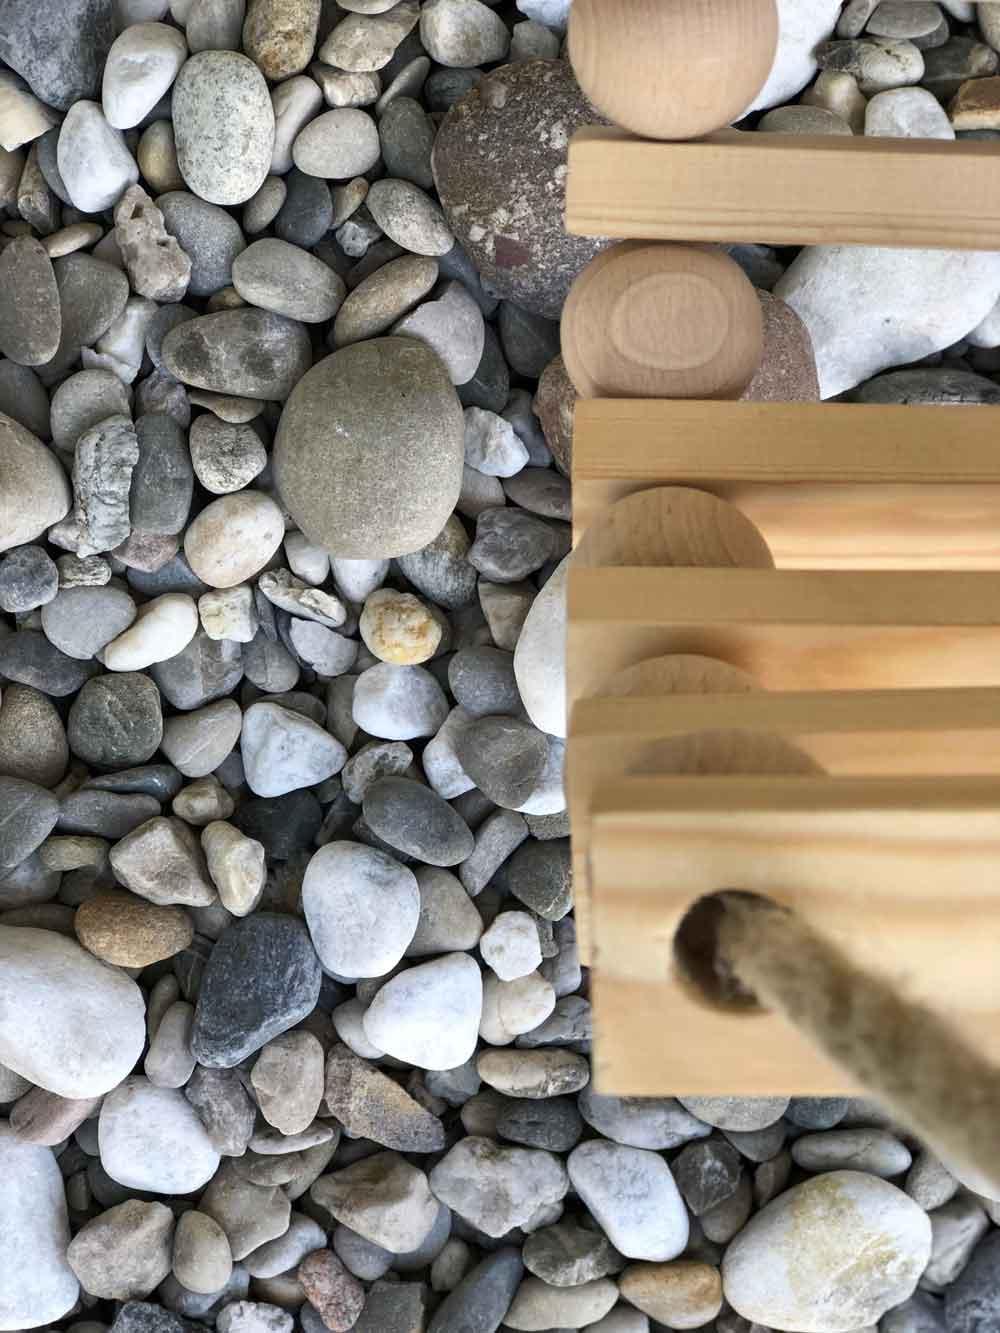 Diy Schaukel Holz Zubehoer Holzkugel draußen Detail nah - DIY | Schaukel aus Holzkugeln